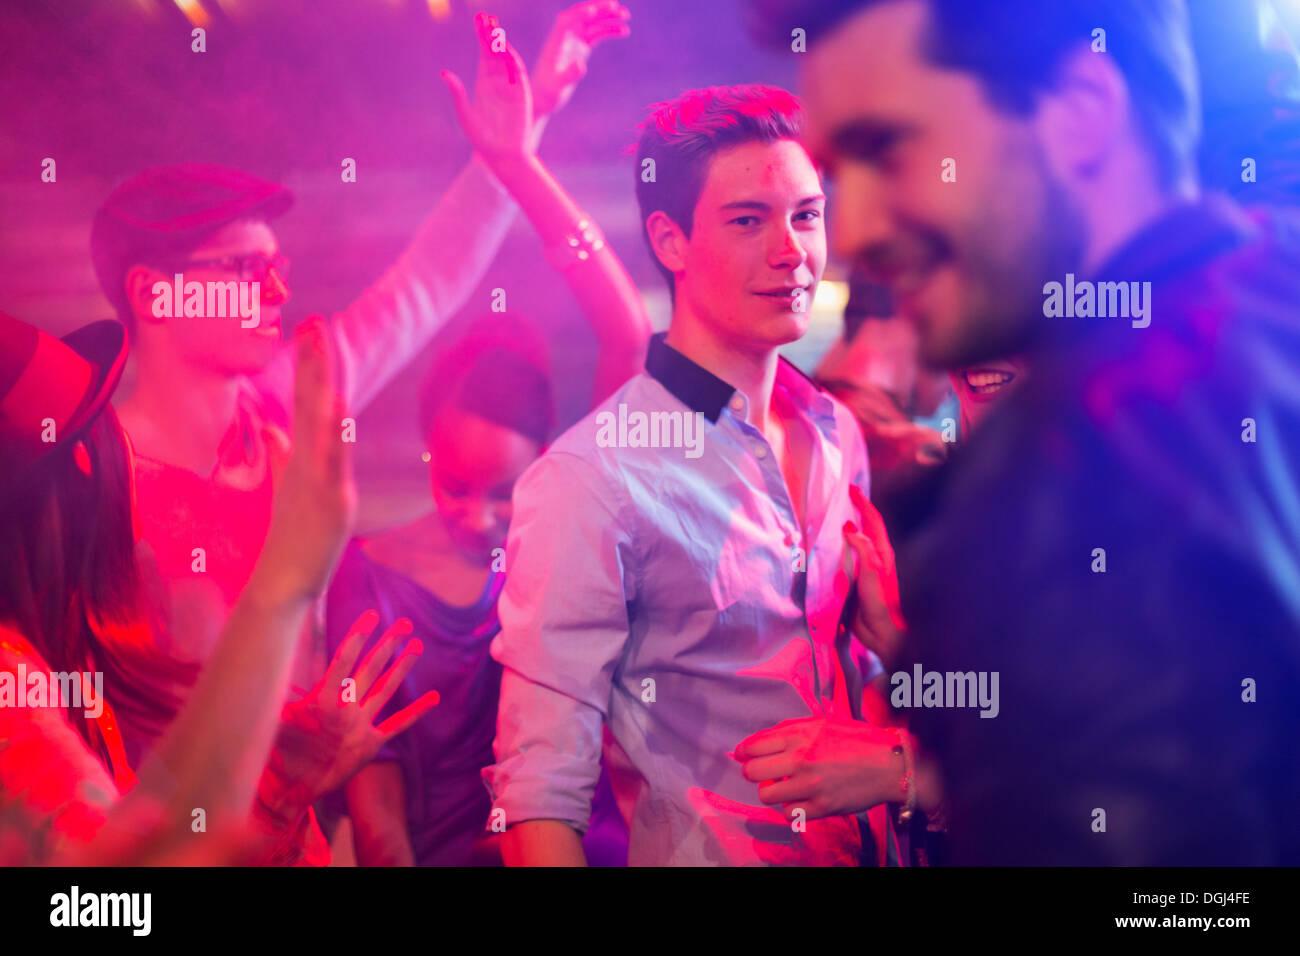 Adolescente rodeado por un grupo de gente bailando en parte Imagen De Stock